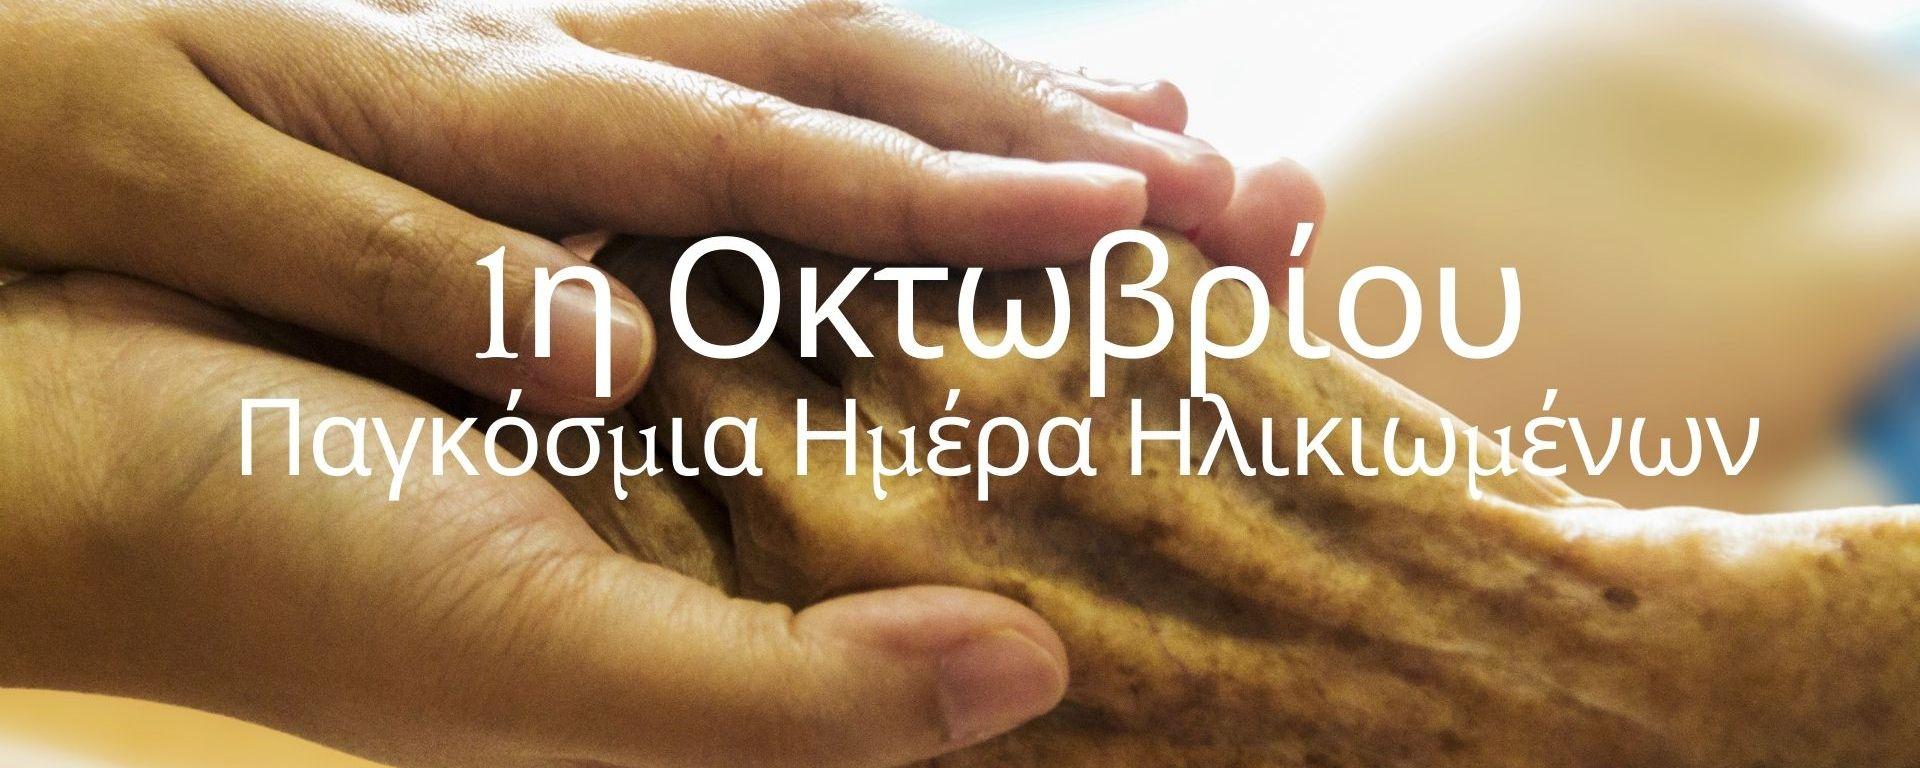 γήρας, γηρατειά, γέρος, γριά, παππούδες, παππούς, γιαγιά, ηλικιωμένος, ηλικιωμένοι, ηλικιωμένη, ημέρα γέρων, Τρίτη ηλικία, κατάθλιψη και γηρατειά,